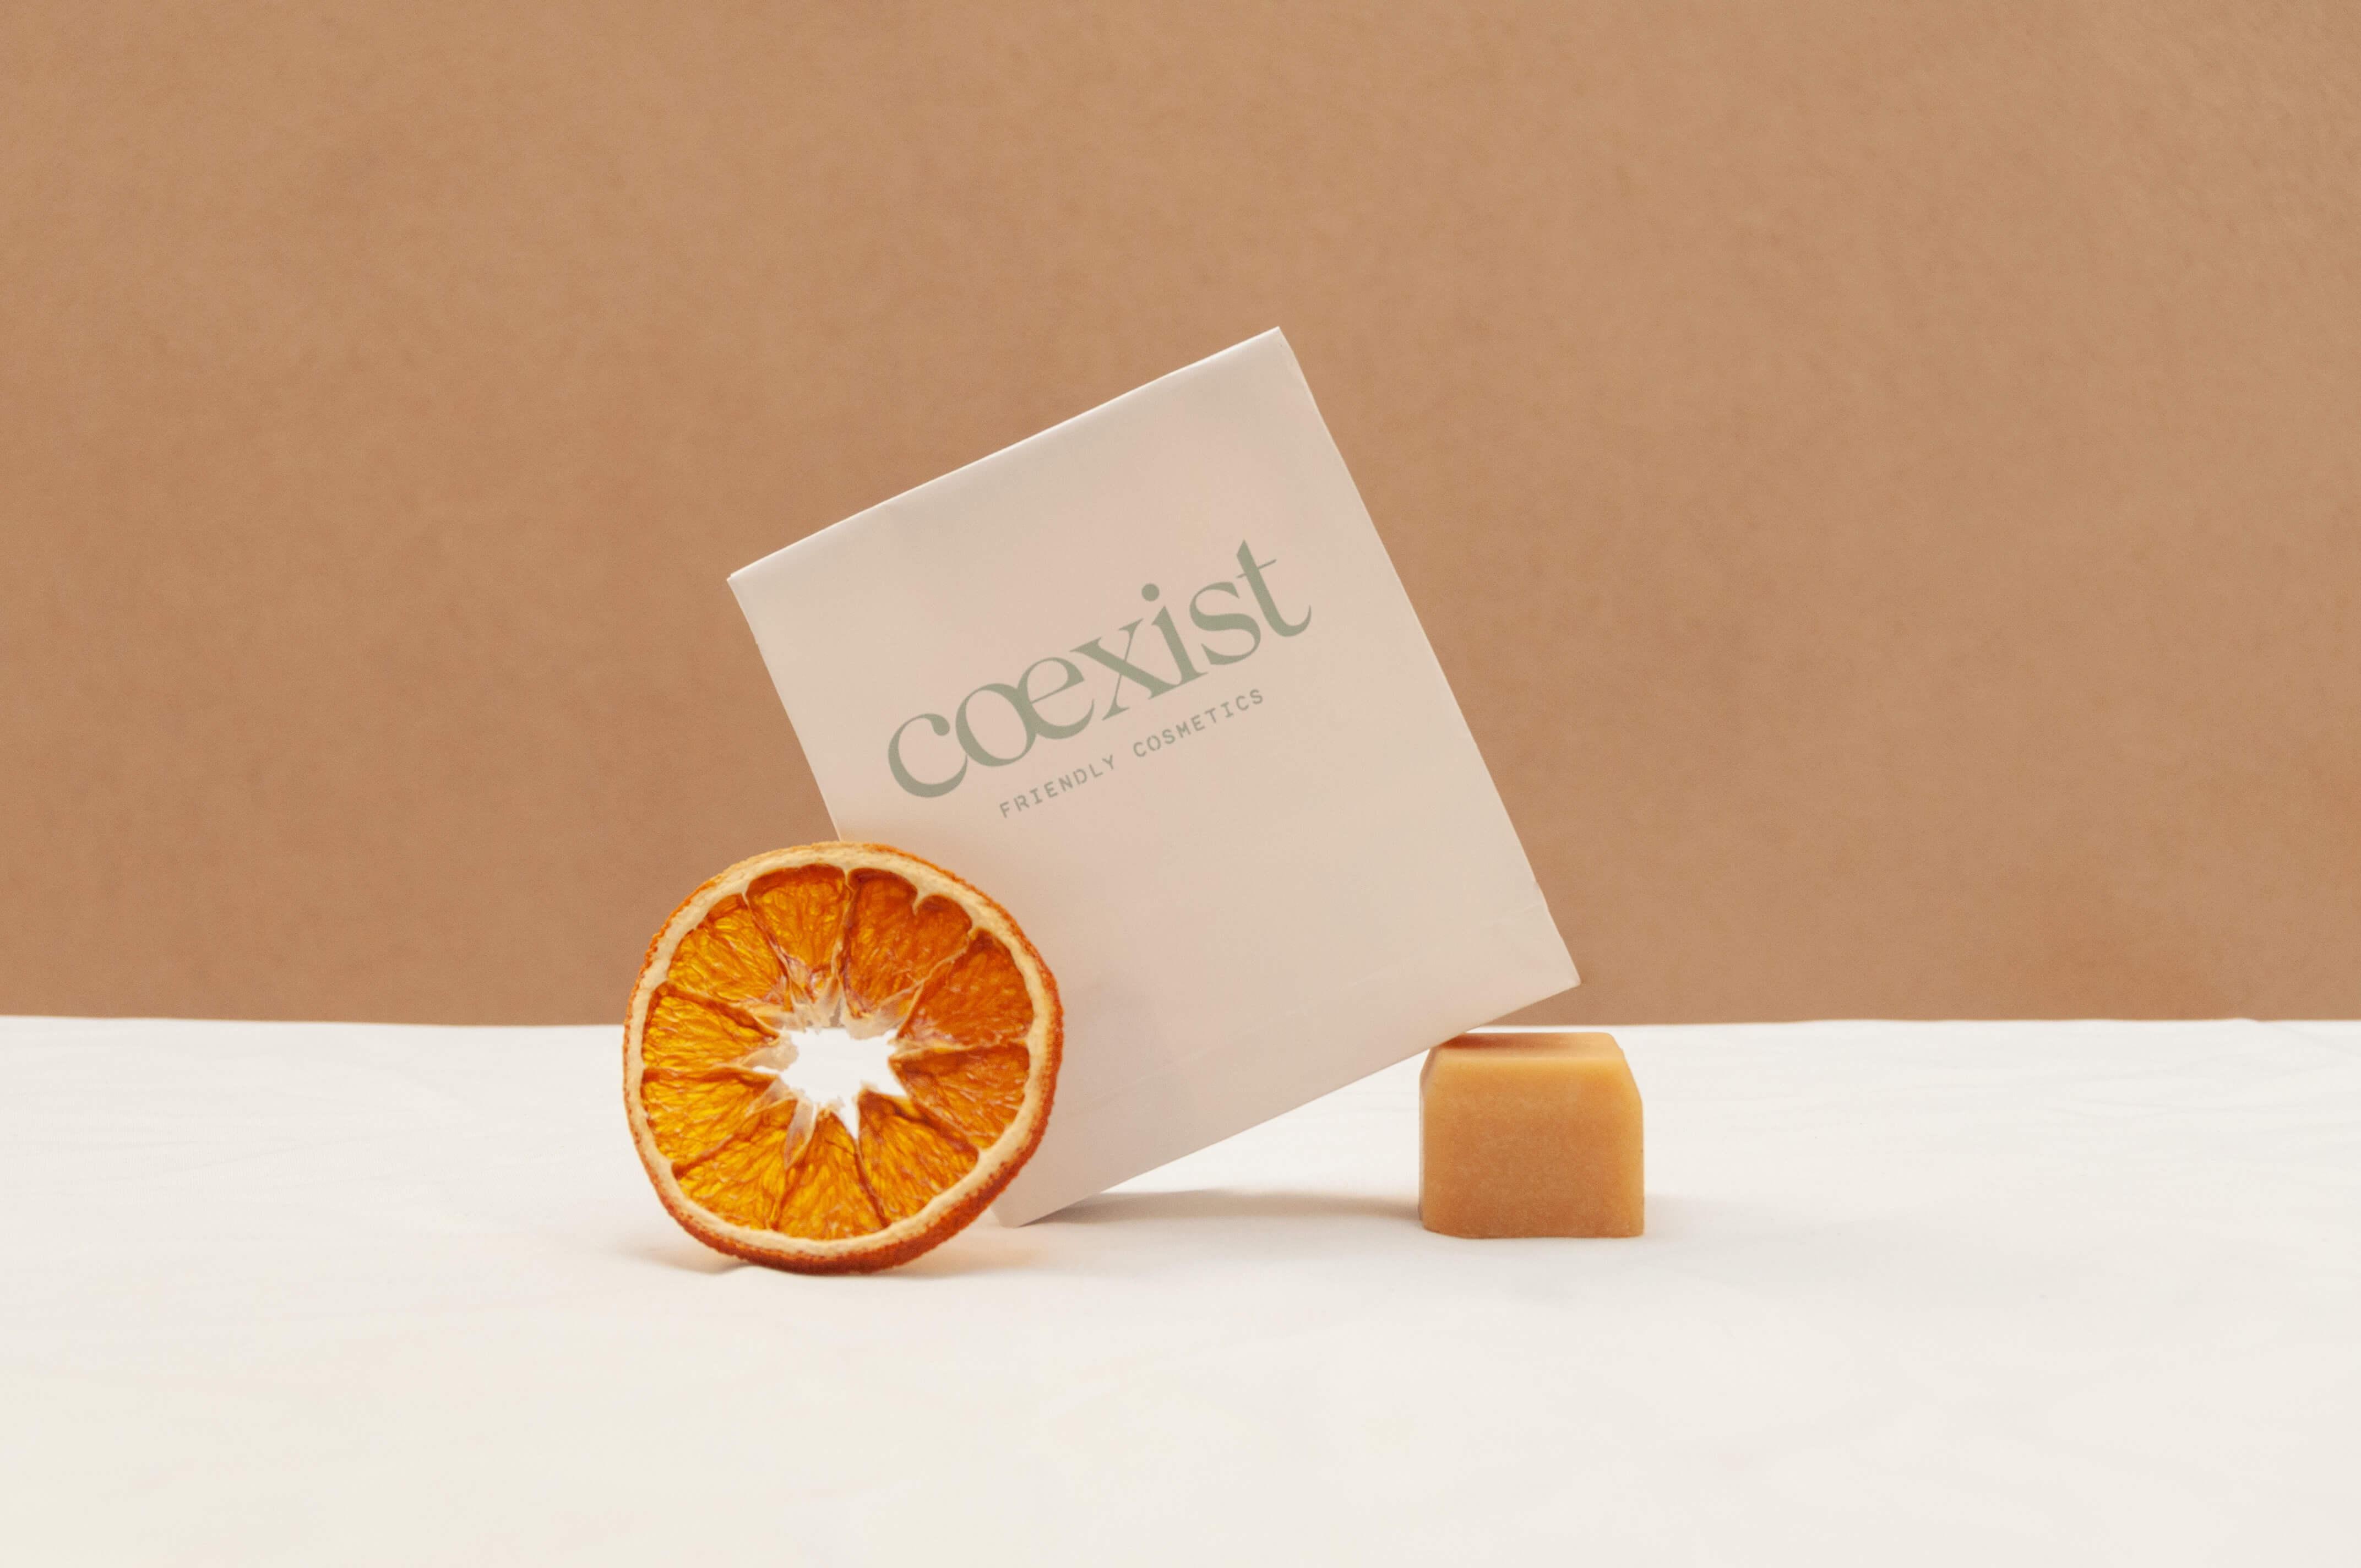 un paquete de jabón de la marca Coexist